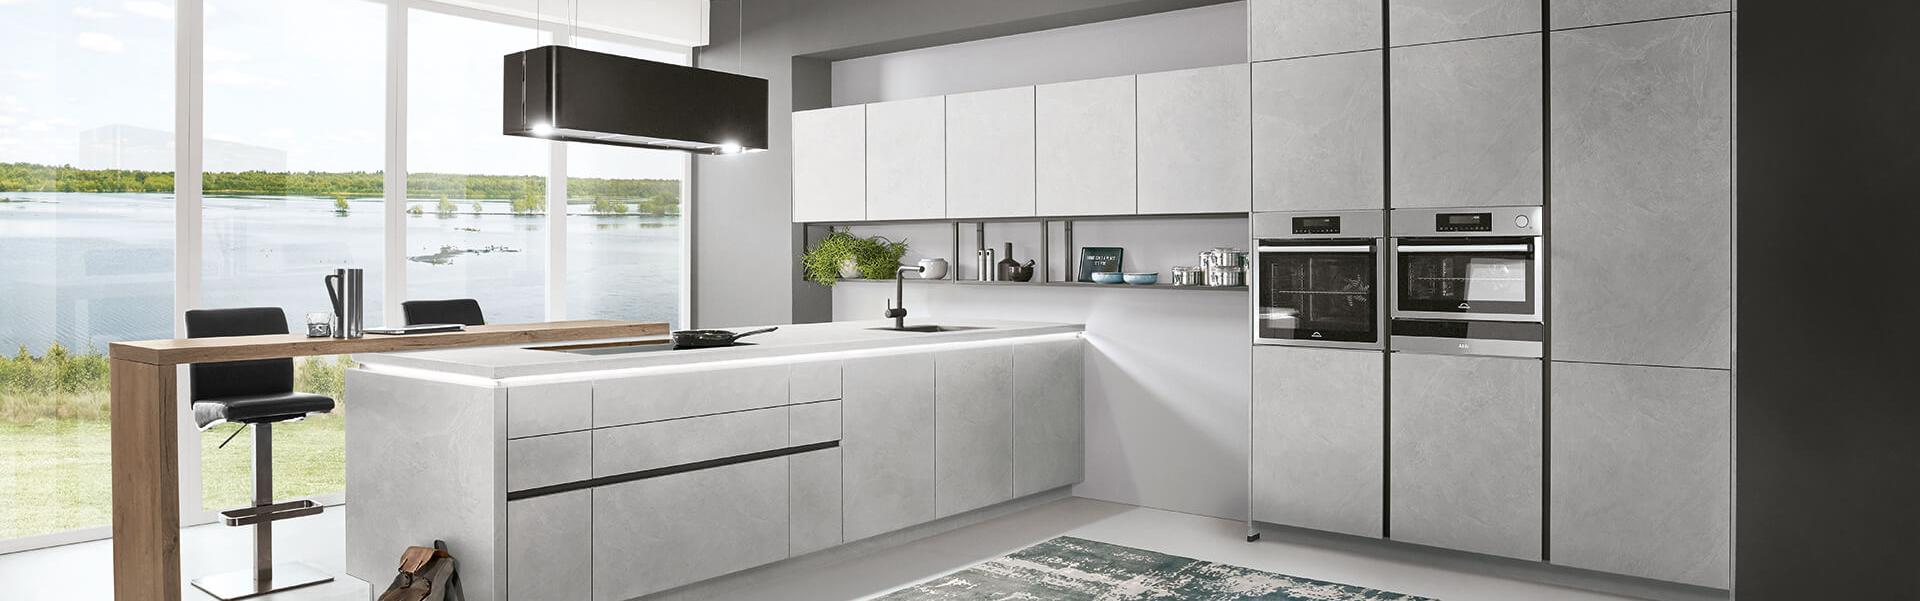 nobilia Küche Beton-Optik grau mit zwei Backofen Holz-Optik Tisch